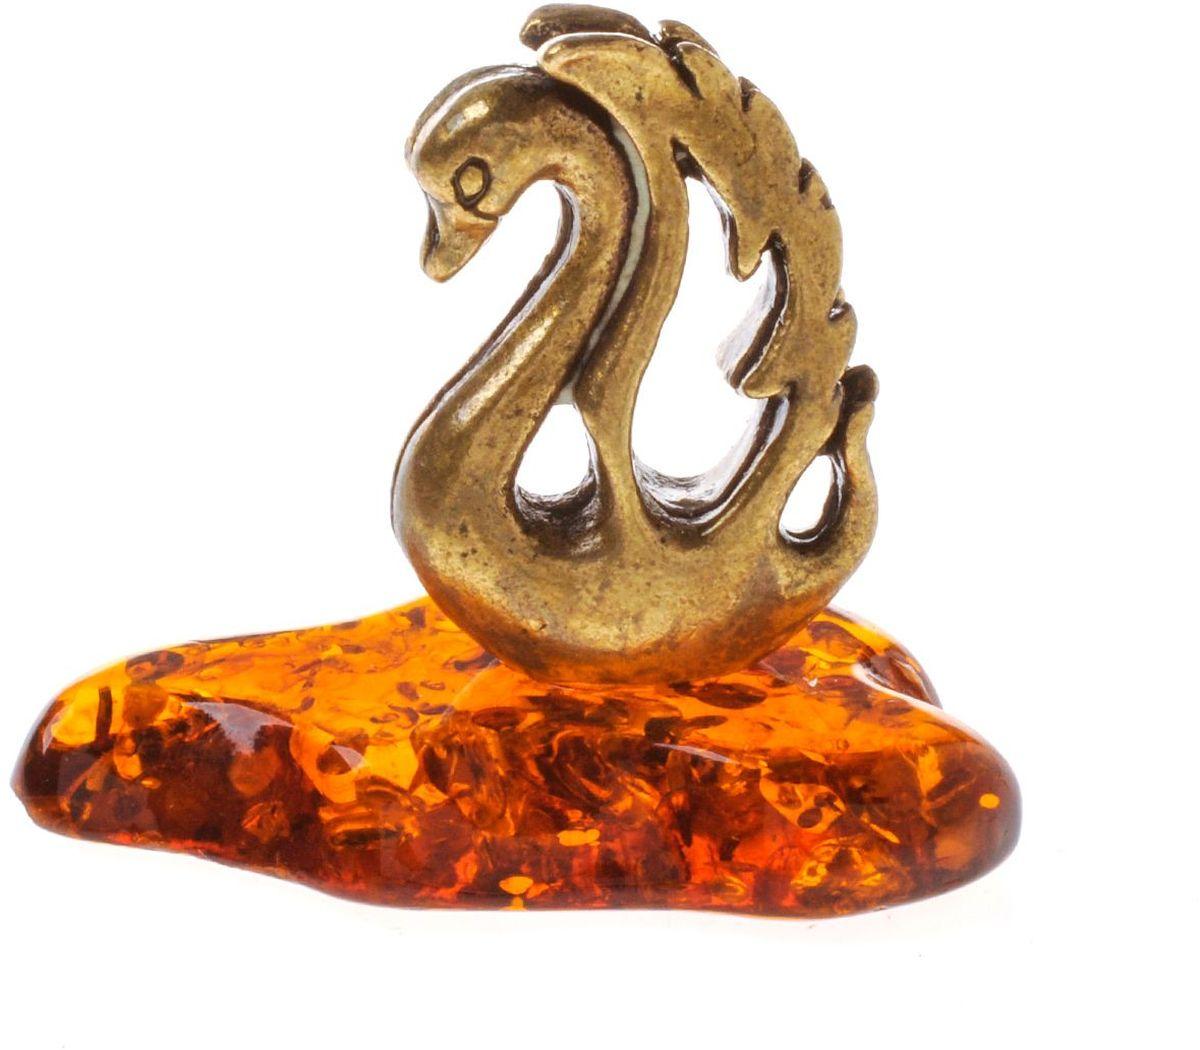 Фигурка декоративная Гифтман Лебедь, материал: латунь, искусственный янтарь. Ручная работа. 5336053360Фигурка на янтаре.